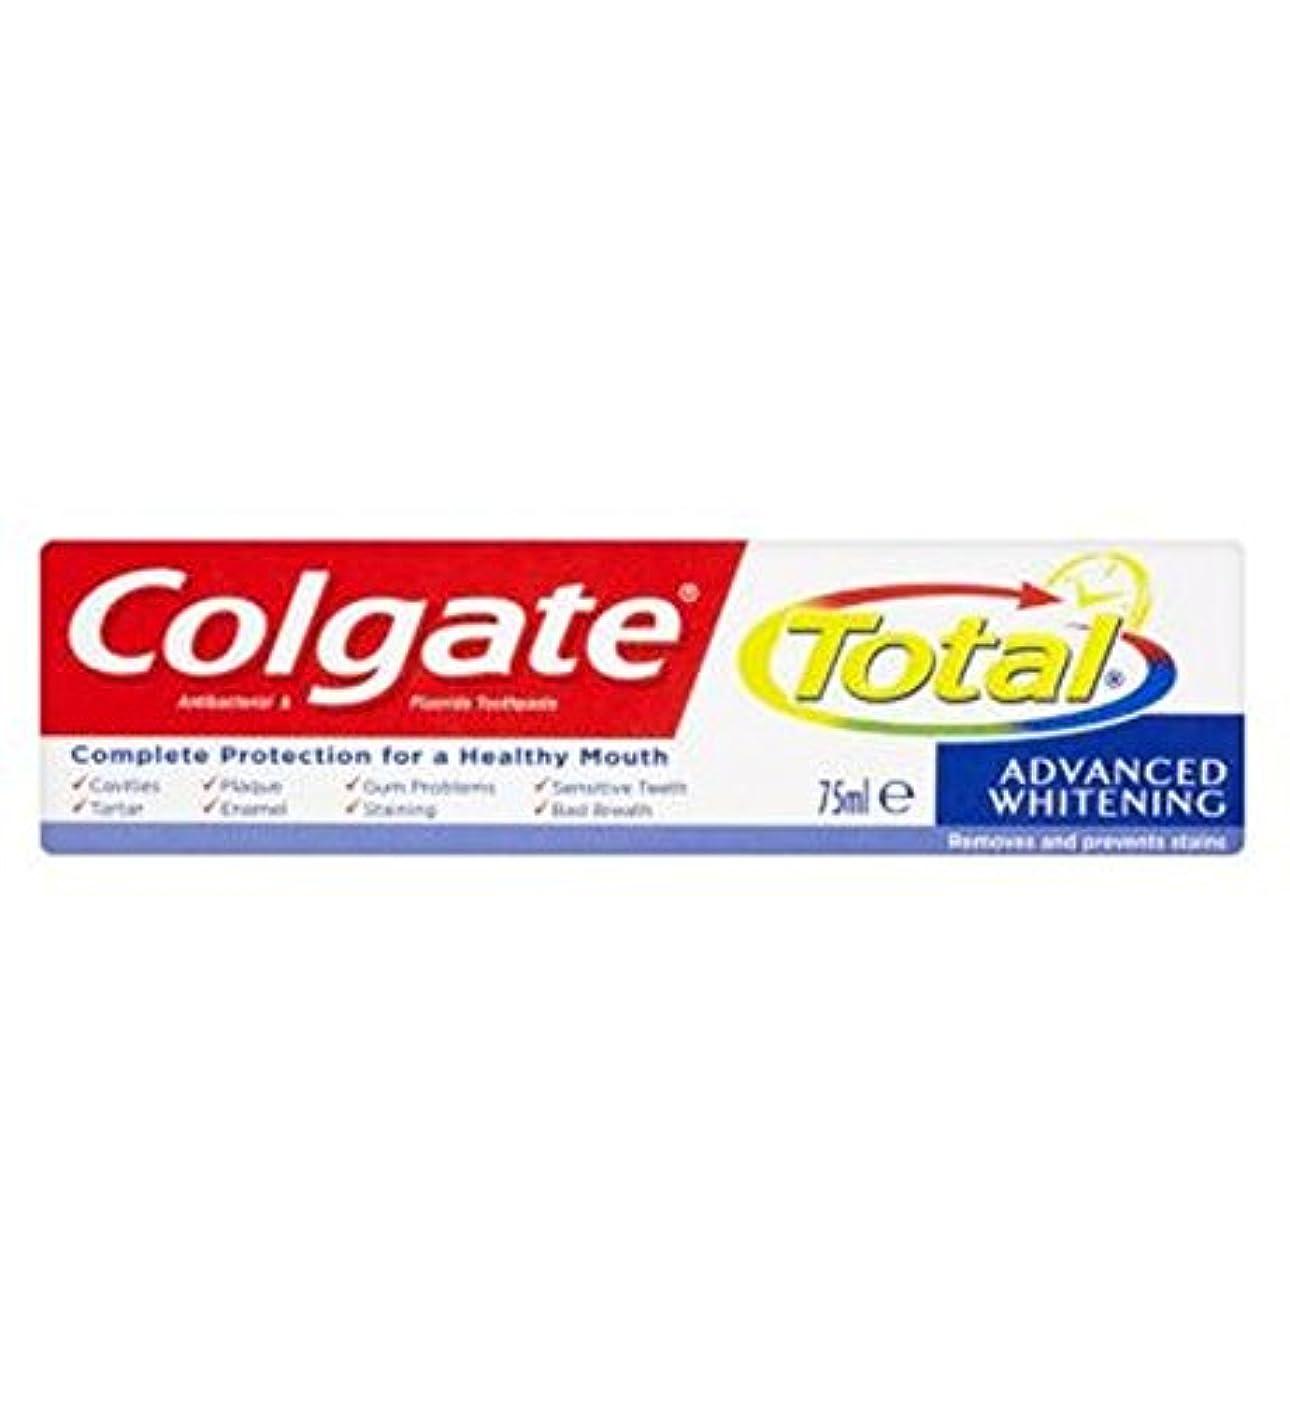 ジュラシックパーク瞳ページェントコルゲートトータル高度なホワイトニング歯磨き粉75ミリリットル (Colgate) (x2) - Colgate Total Advanced Whitening toothpaste 75ml (Pack of 2)...